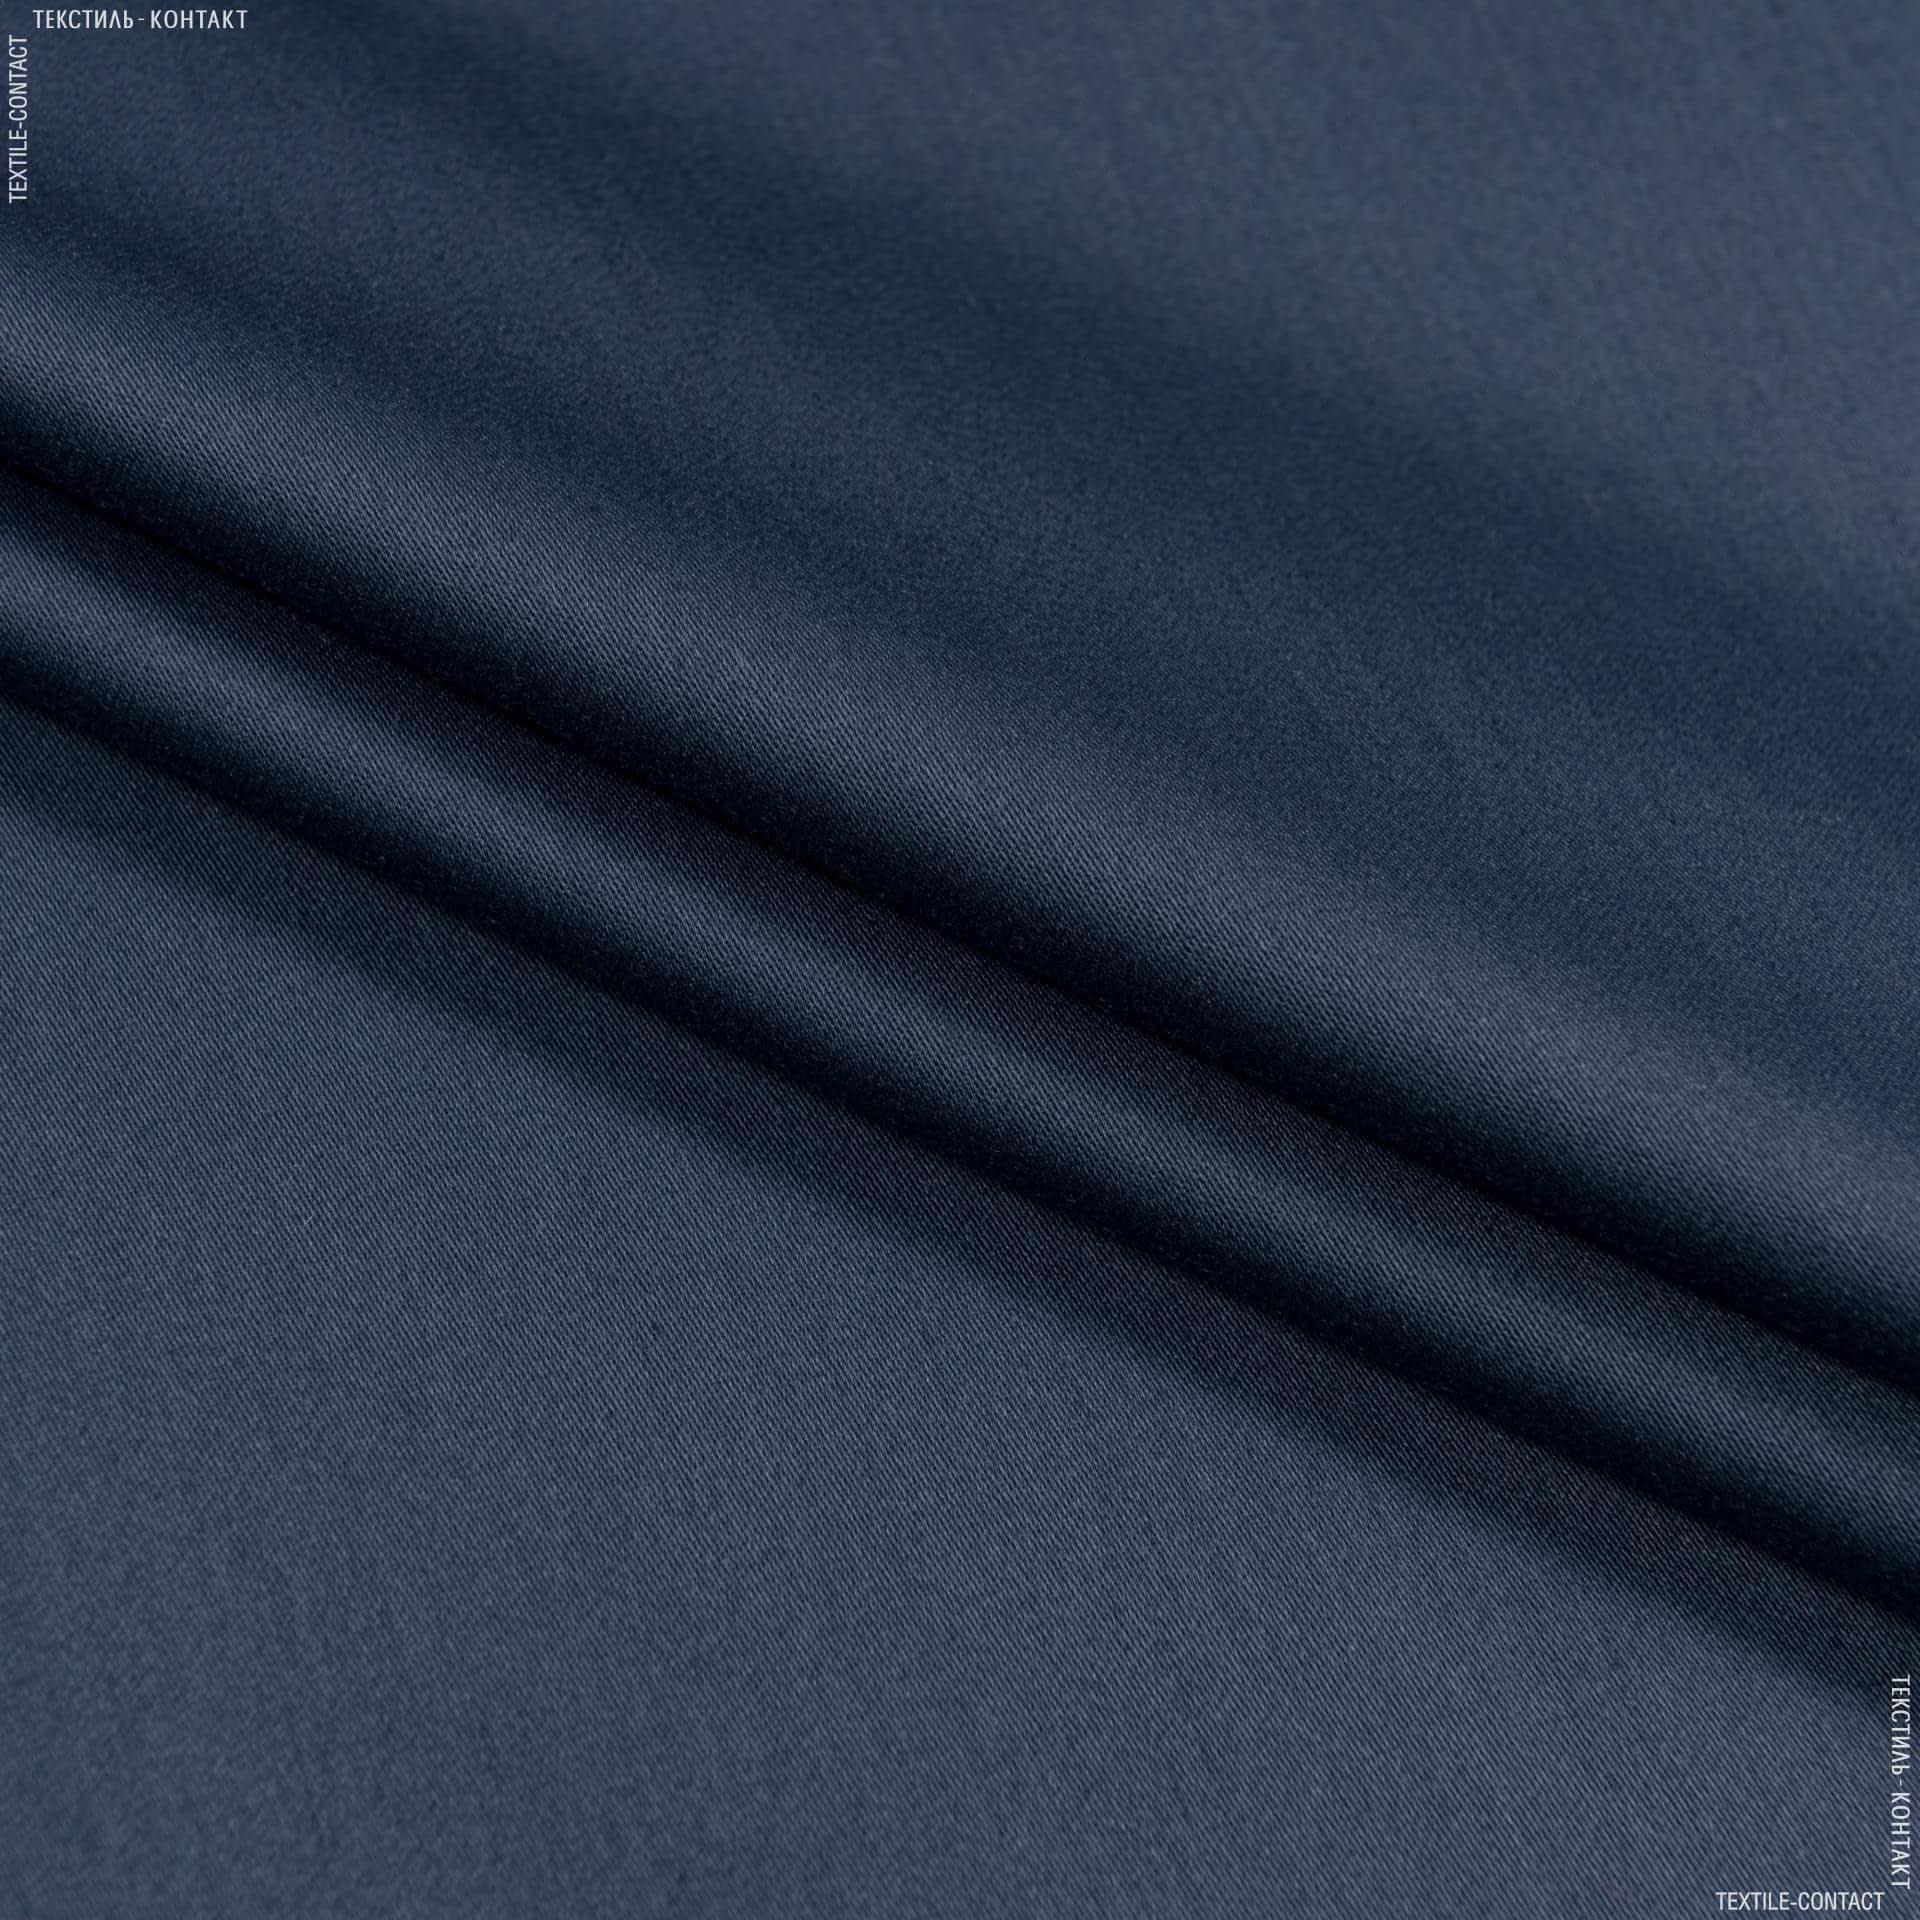 Тканини для банкетних і фуршетніх спідниць - Декоративний сатин чікаго/chicago синій